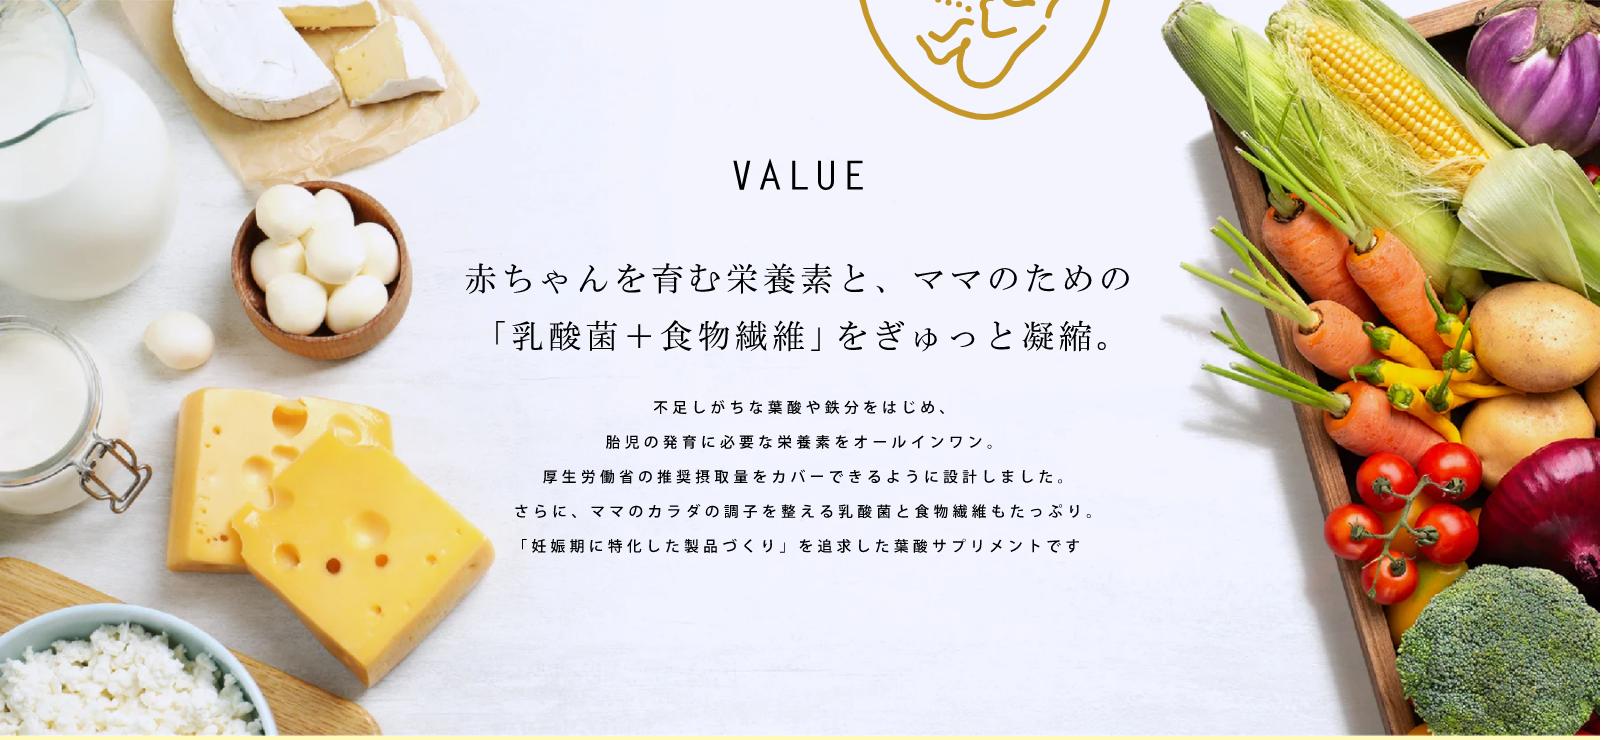 乳酸菌と食物繊維配合のmamaru ママル